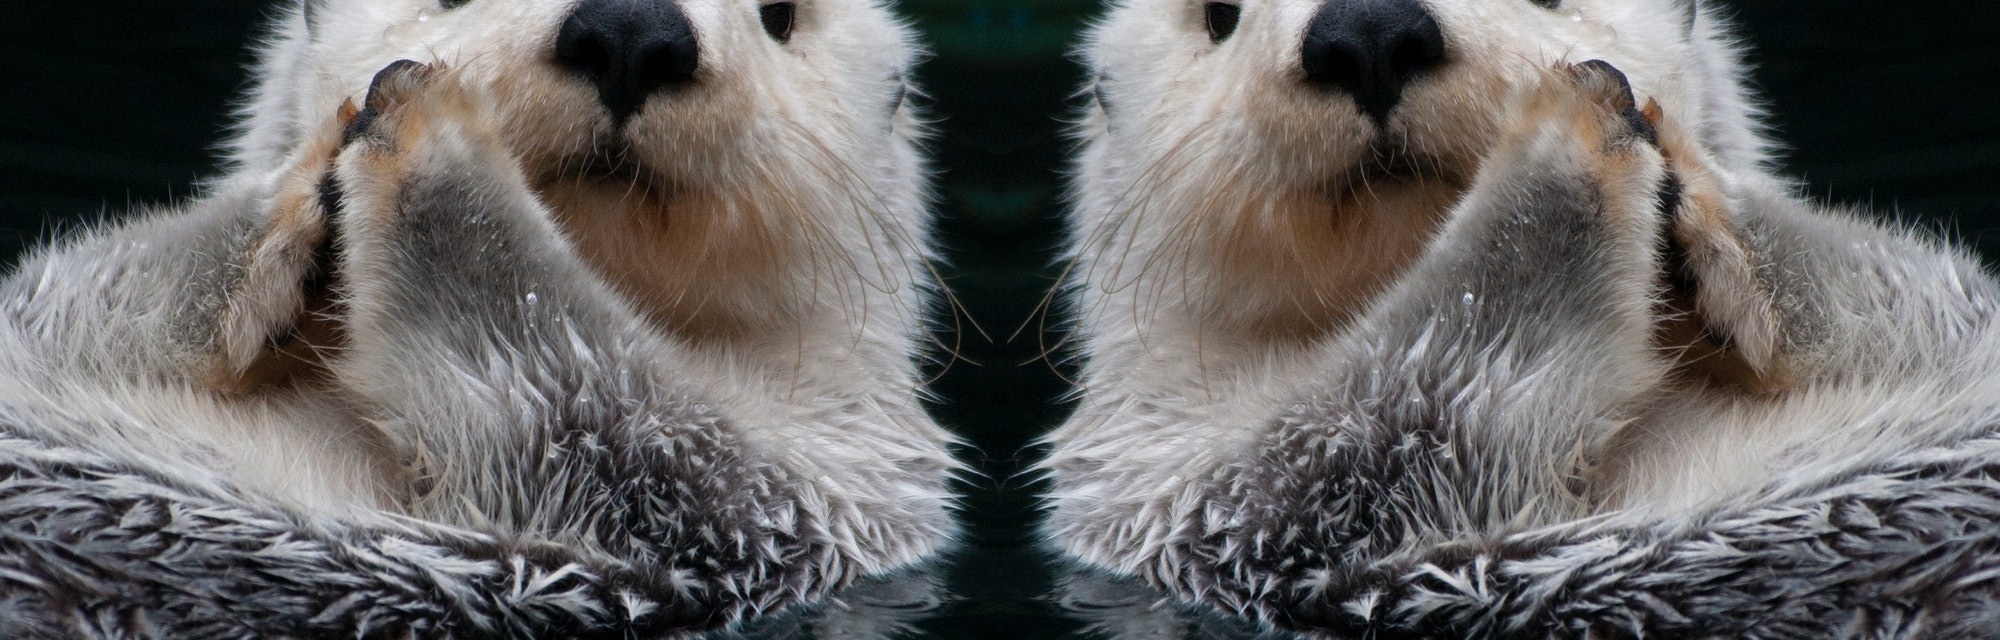 Sea ottter mirror image